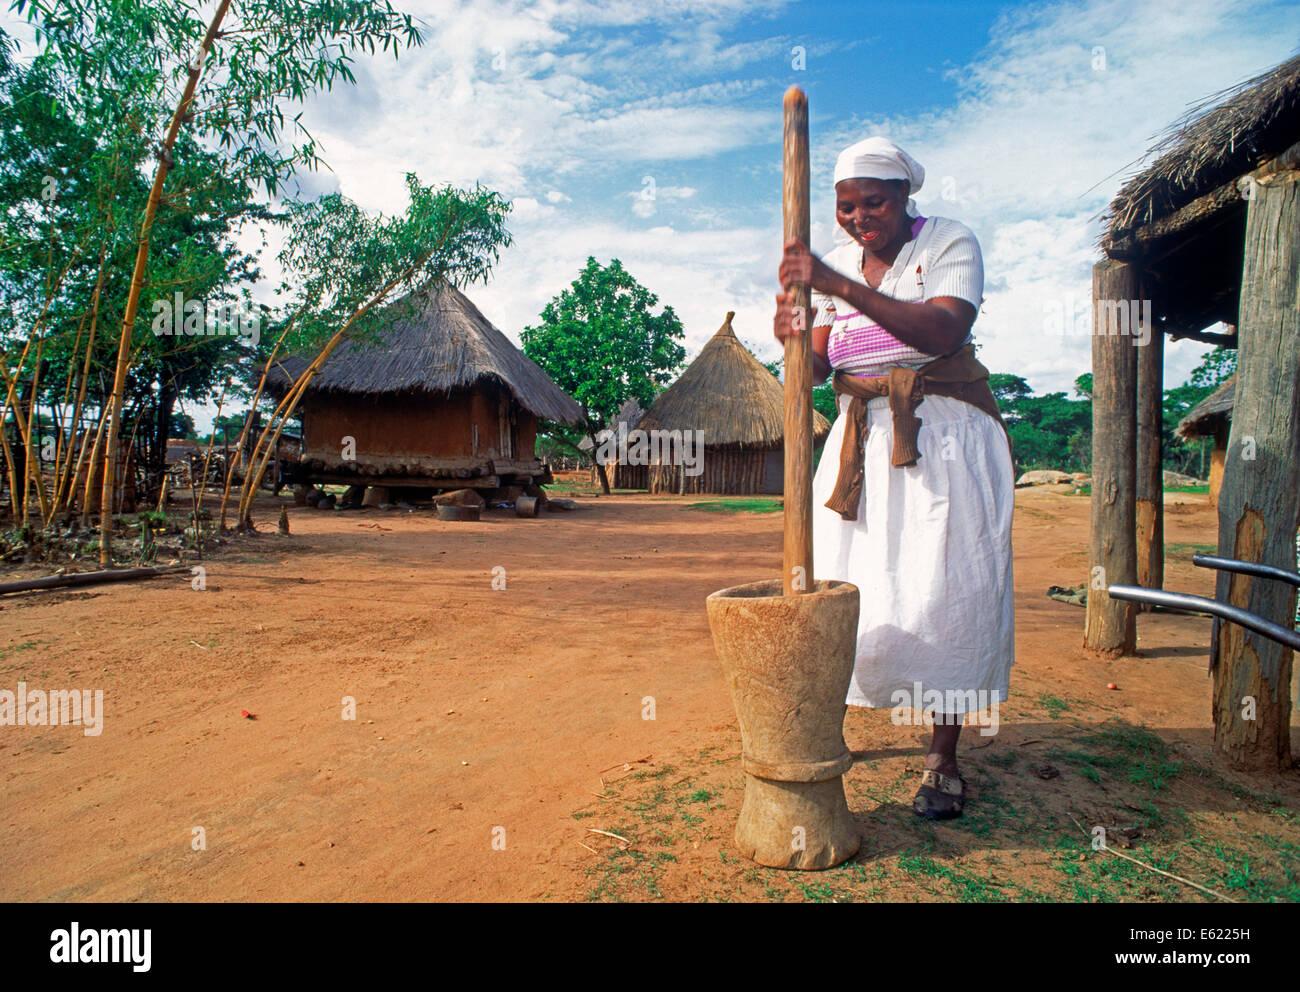 Donna pounding mais cornbread nello Zimbabwe village Immagini Stock